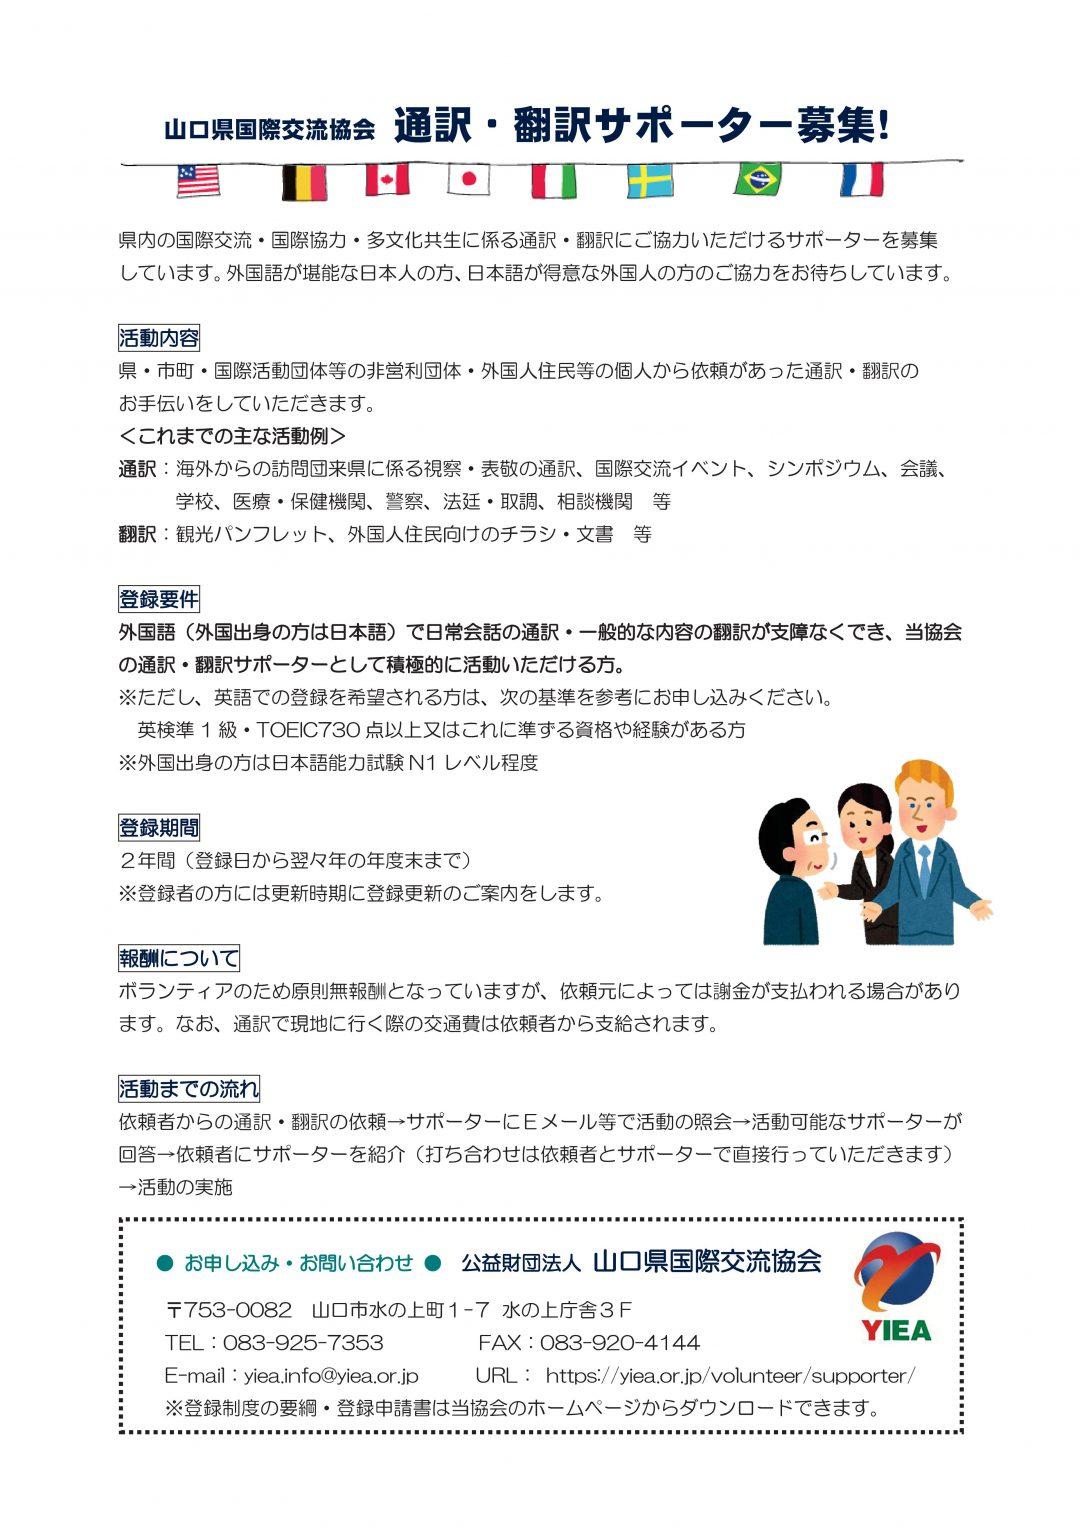 画像:山口県国際交流協会 通訳・翻訳サポーター募集!